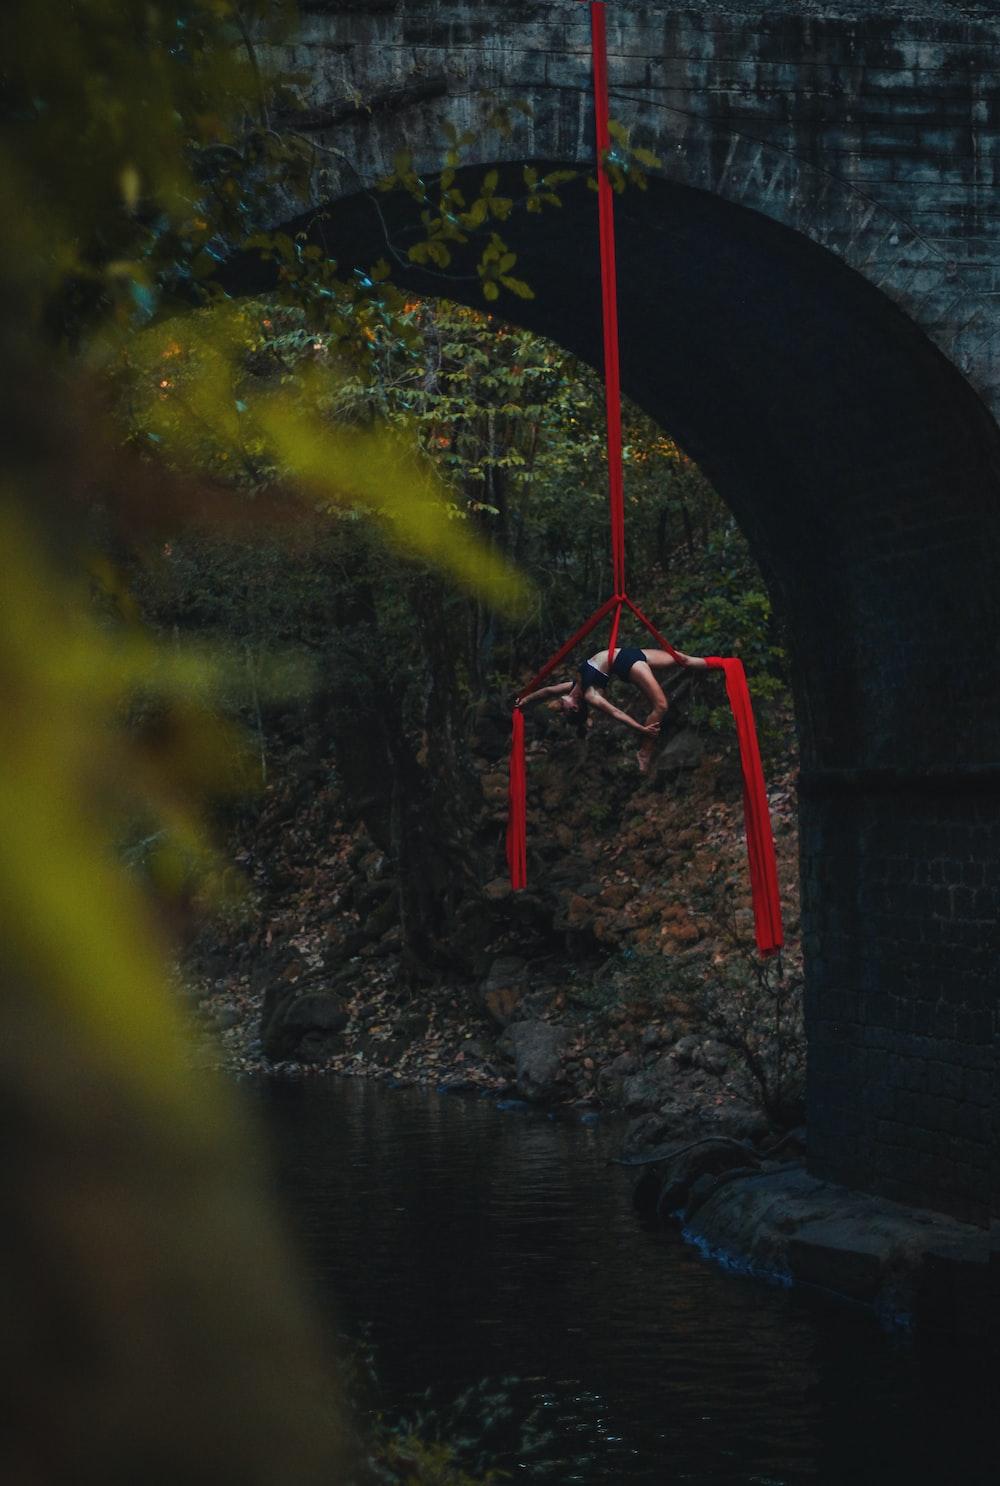 red lines on bridge